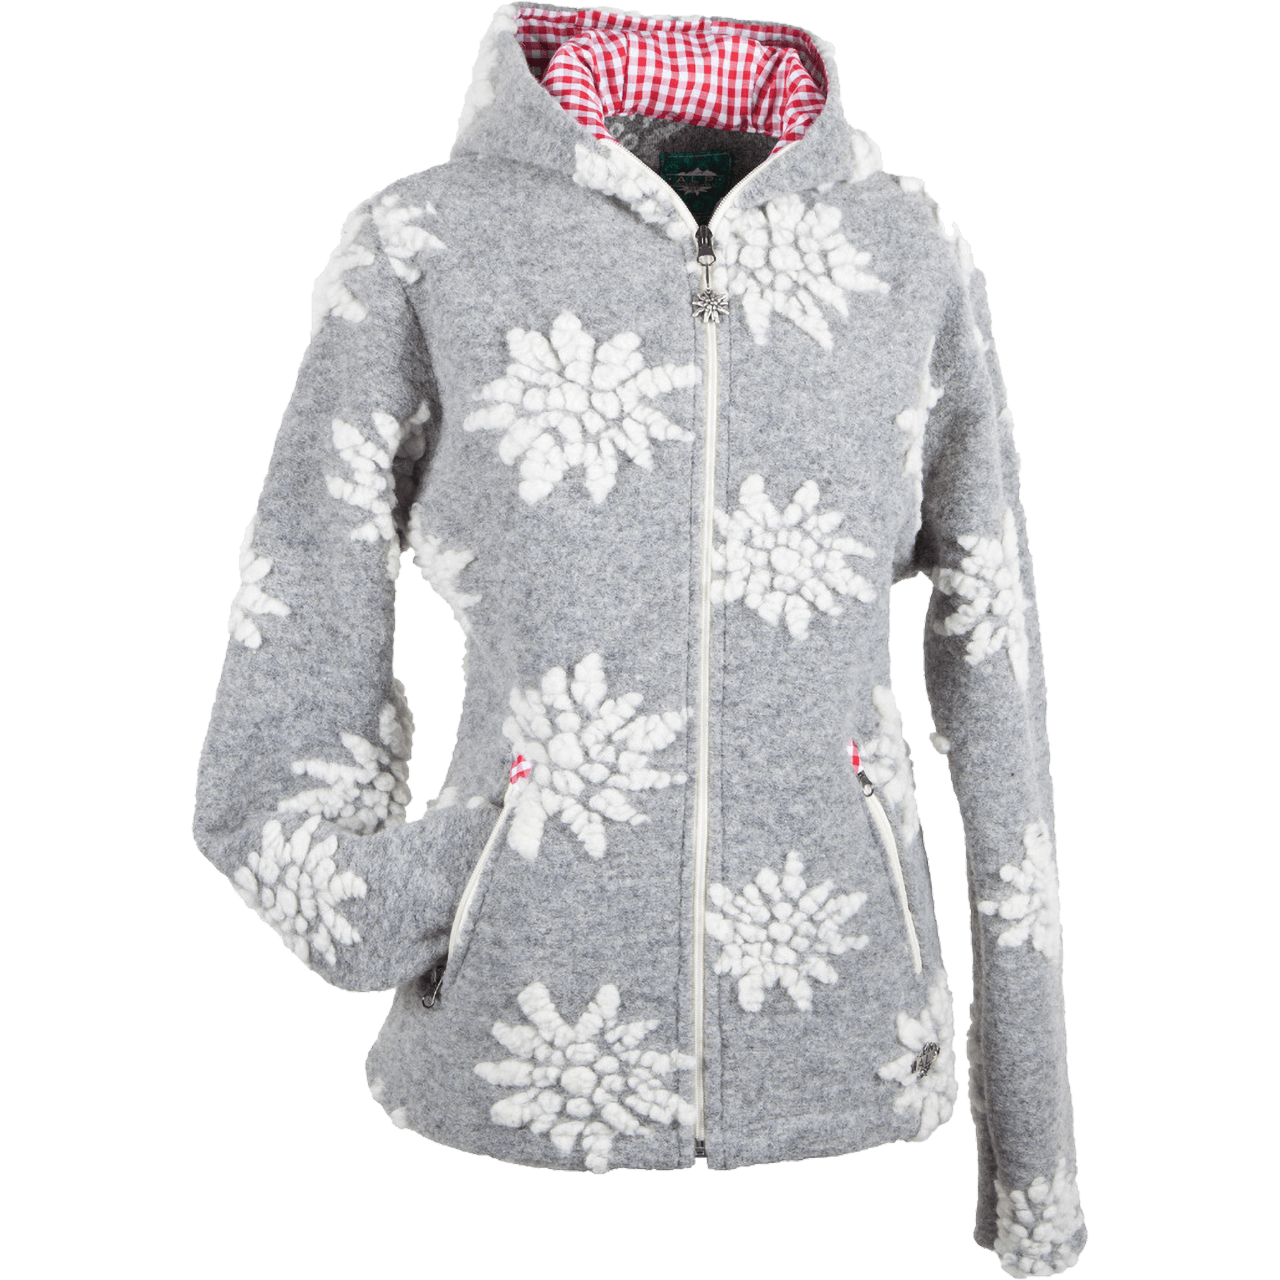 giacca-donna-295901-alp1964